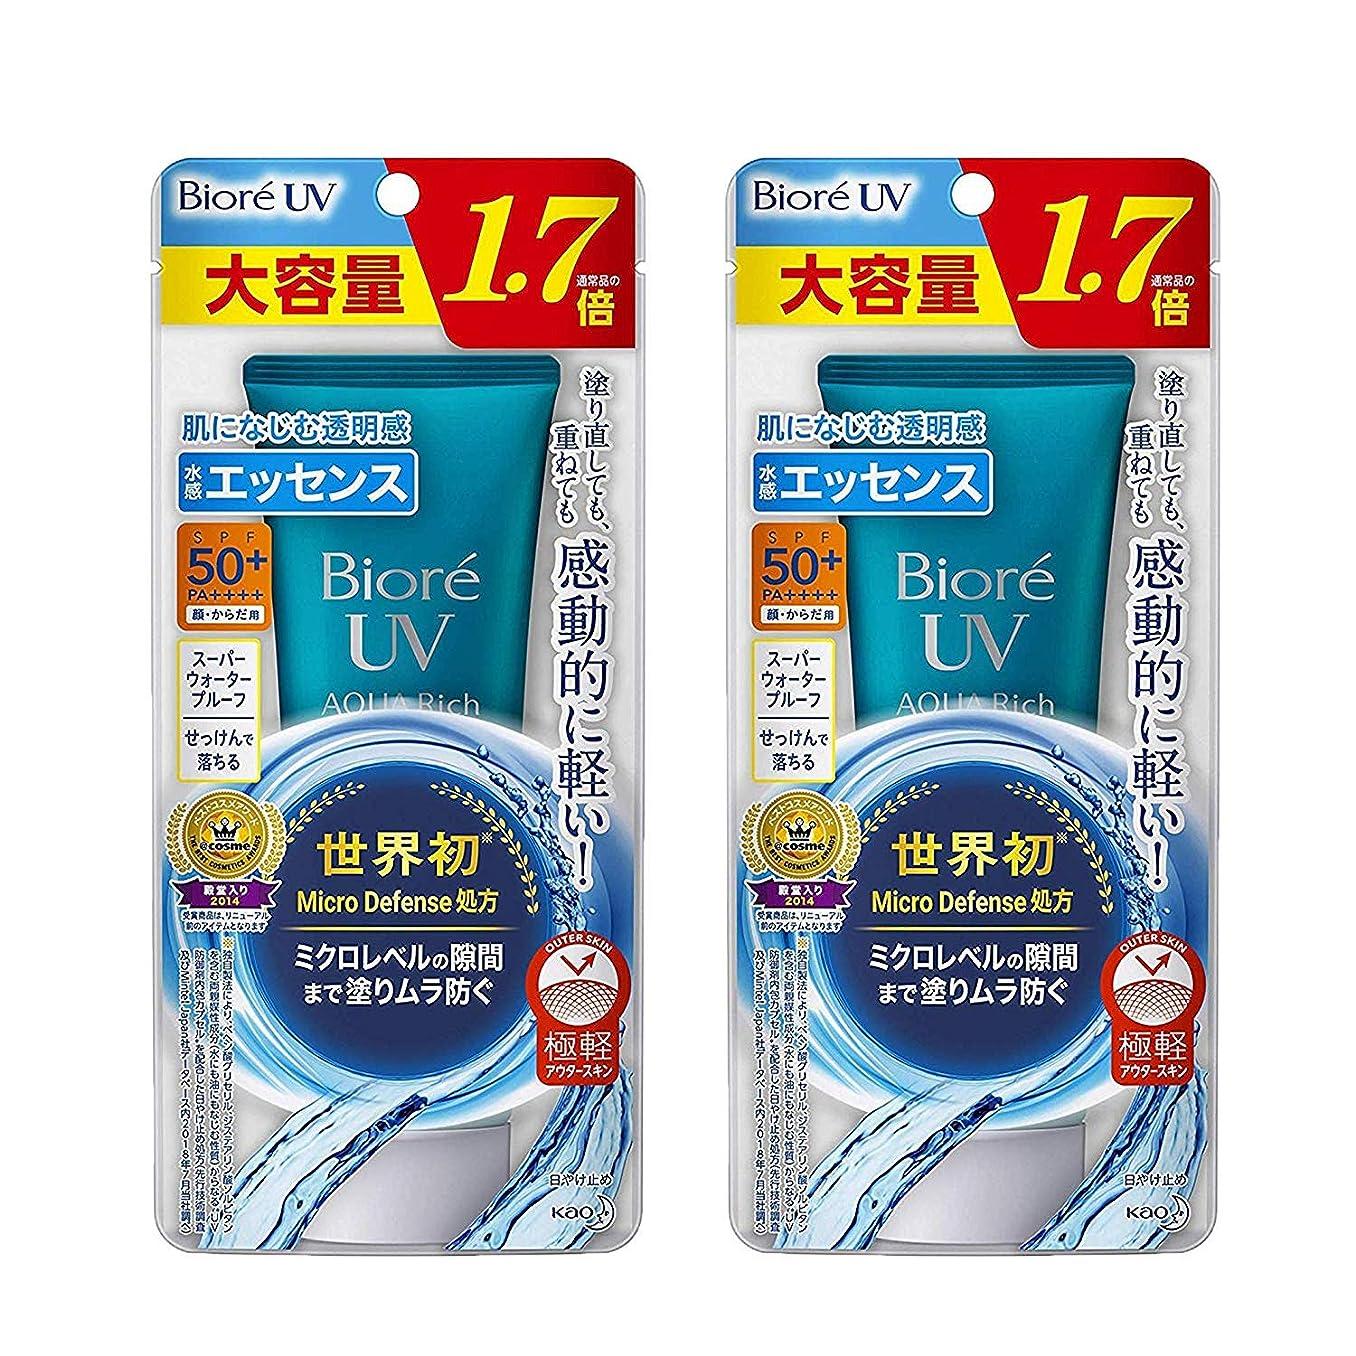 見通しピンチ安全【2個セット】 ビオレUV アクアリッチ ウォータリーエッセンス 85g (大容量 通常品の1.7倍) 日焼け止め SPF50+/PA++++